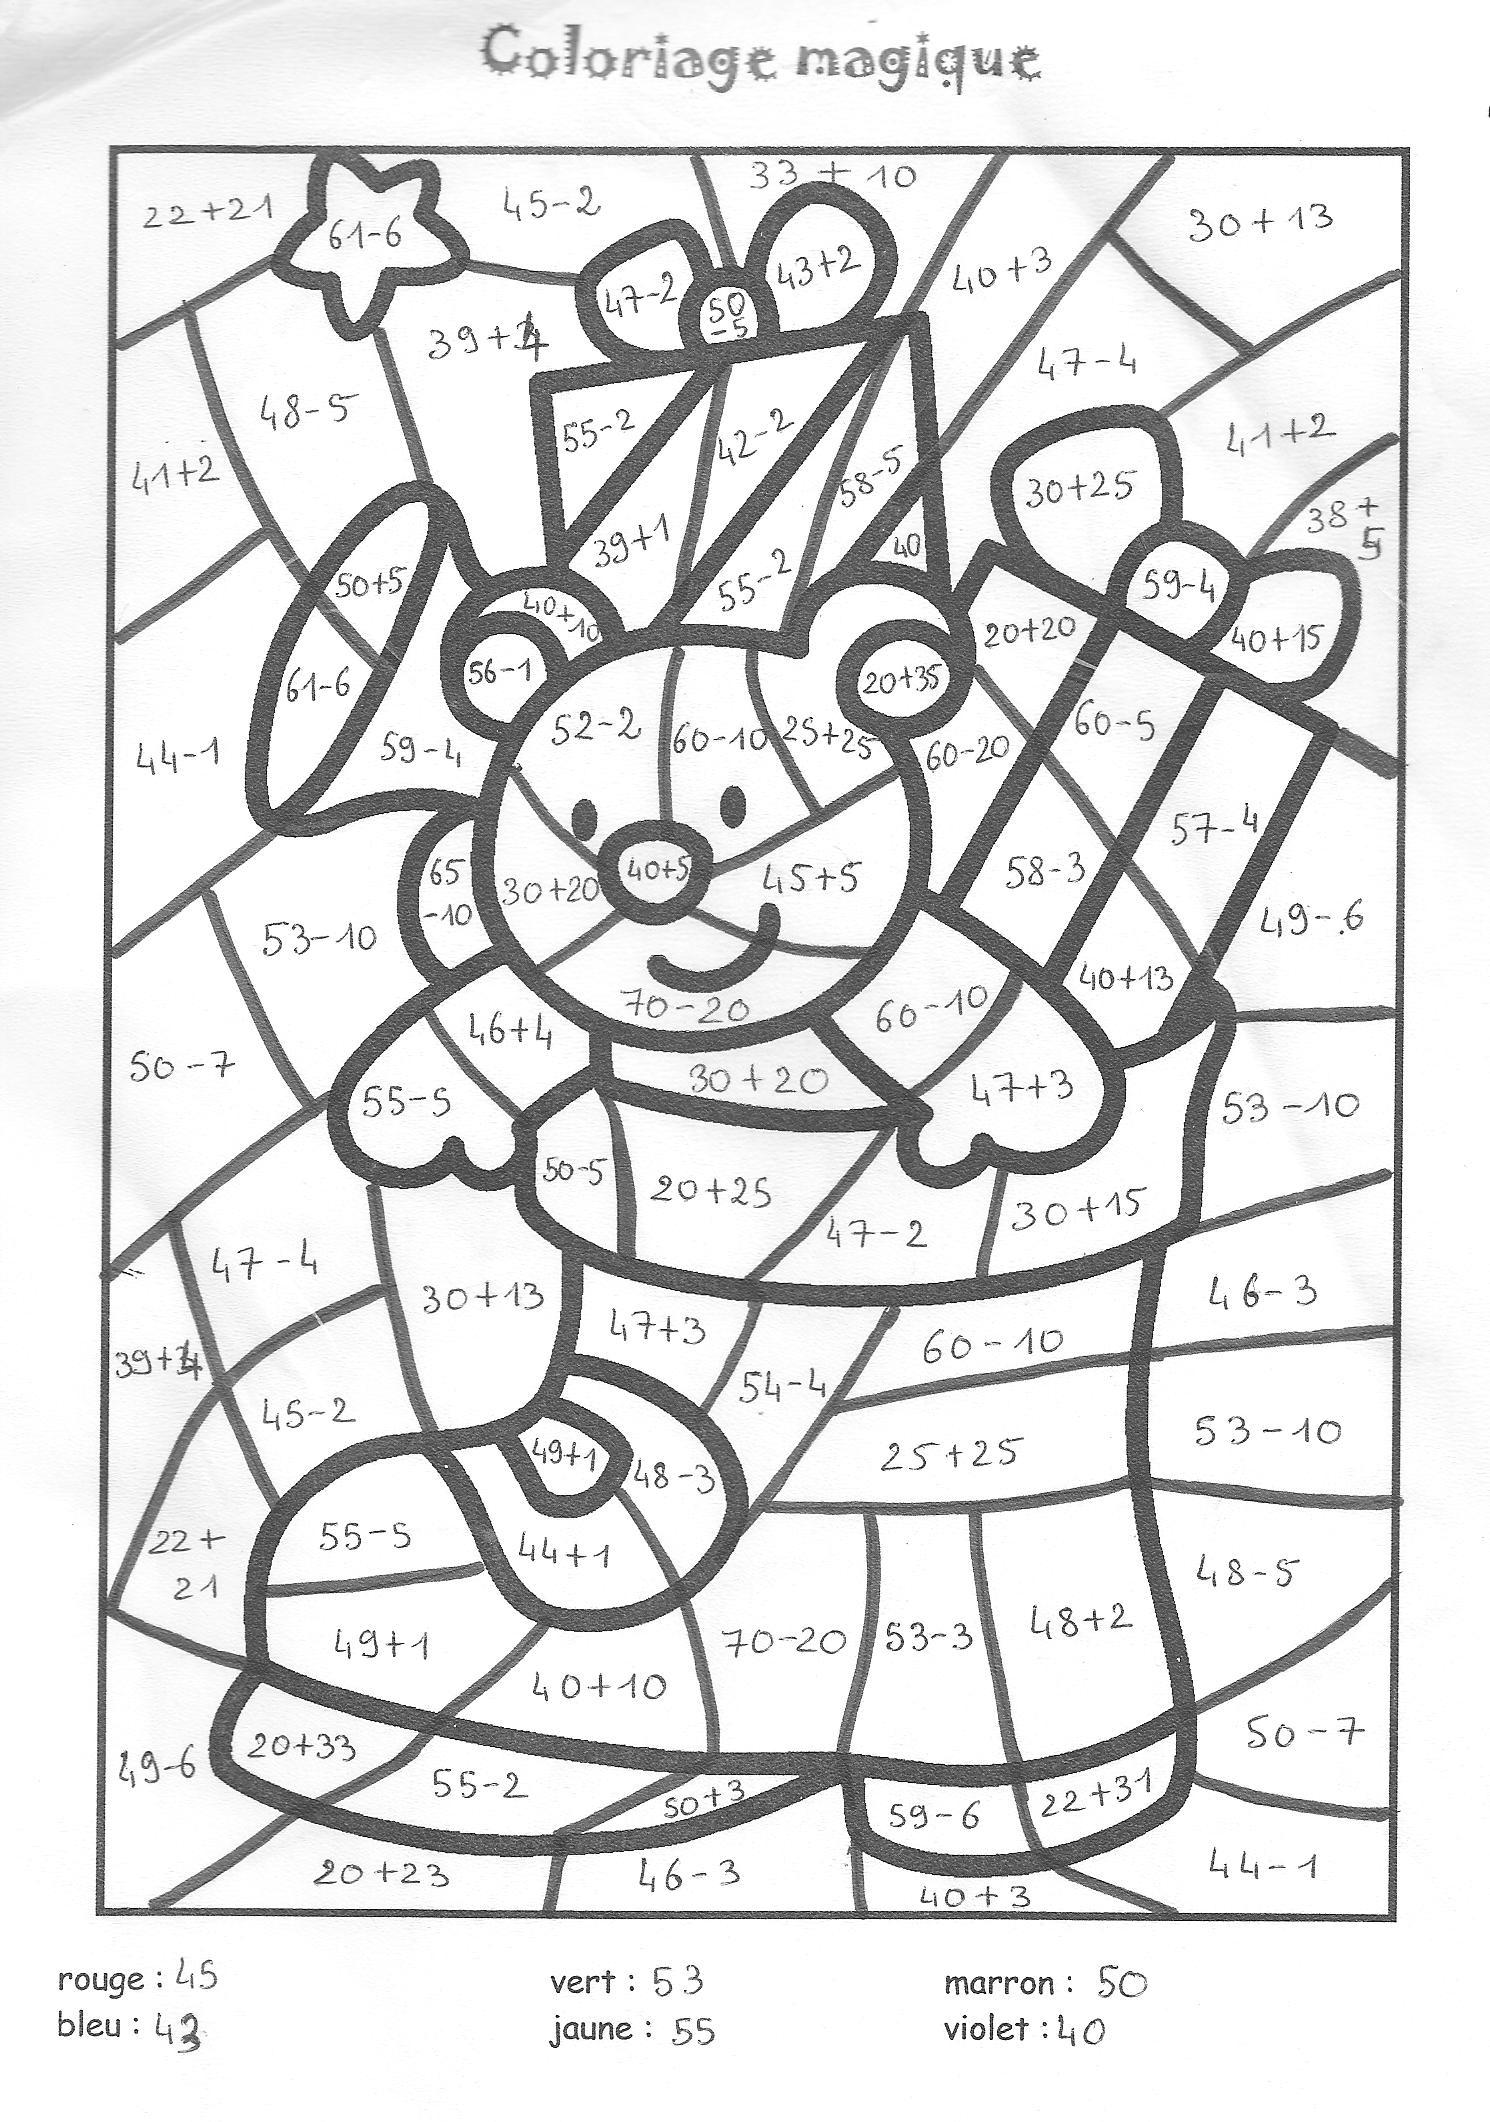 Coloriage204: Coloriage Magique De Noel À Imprimer concernant Coloriage Magique Grande Section Maternelle